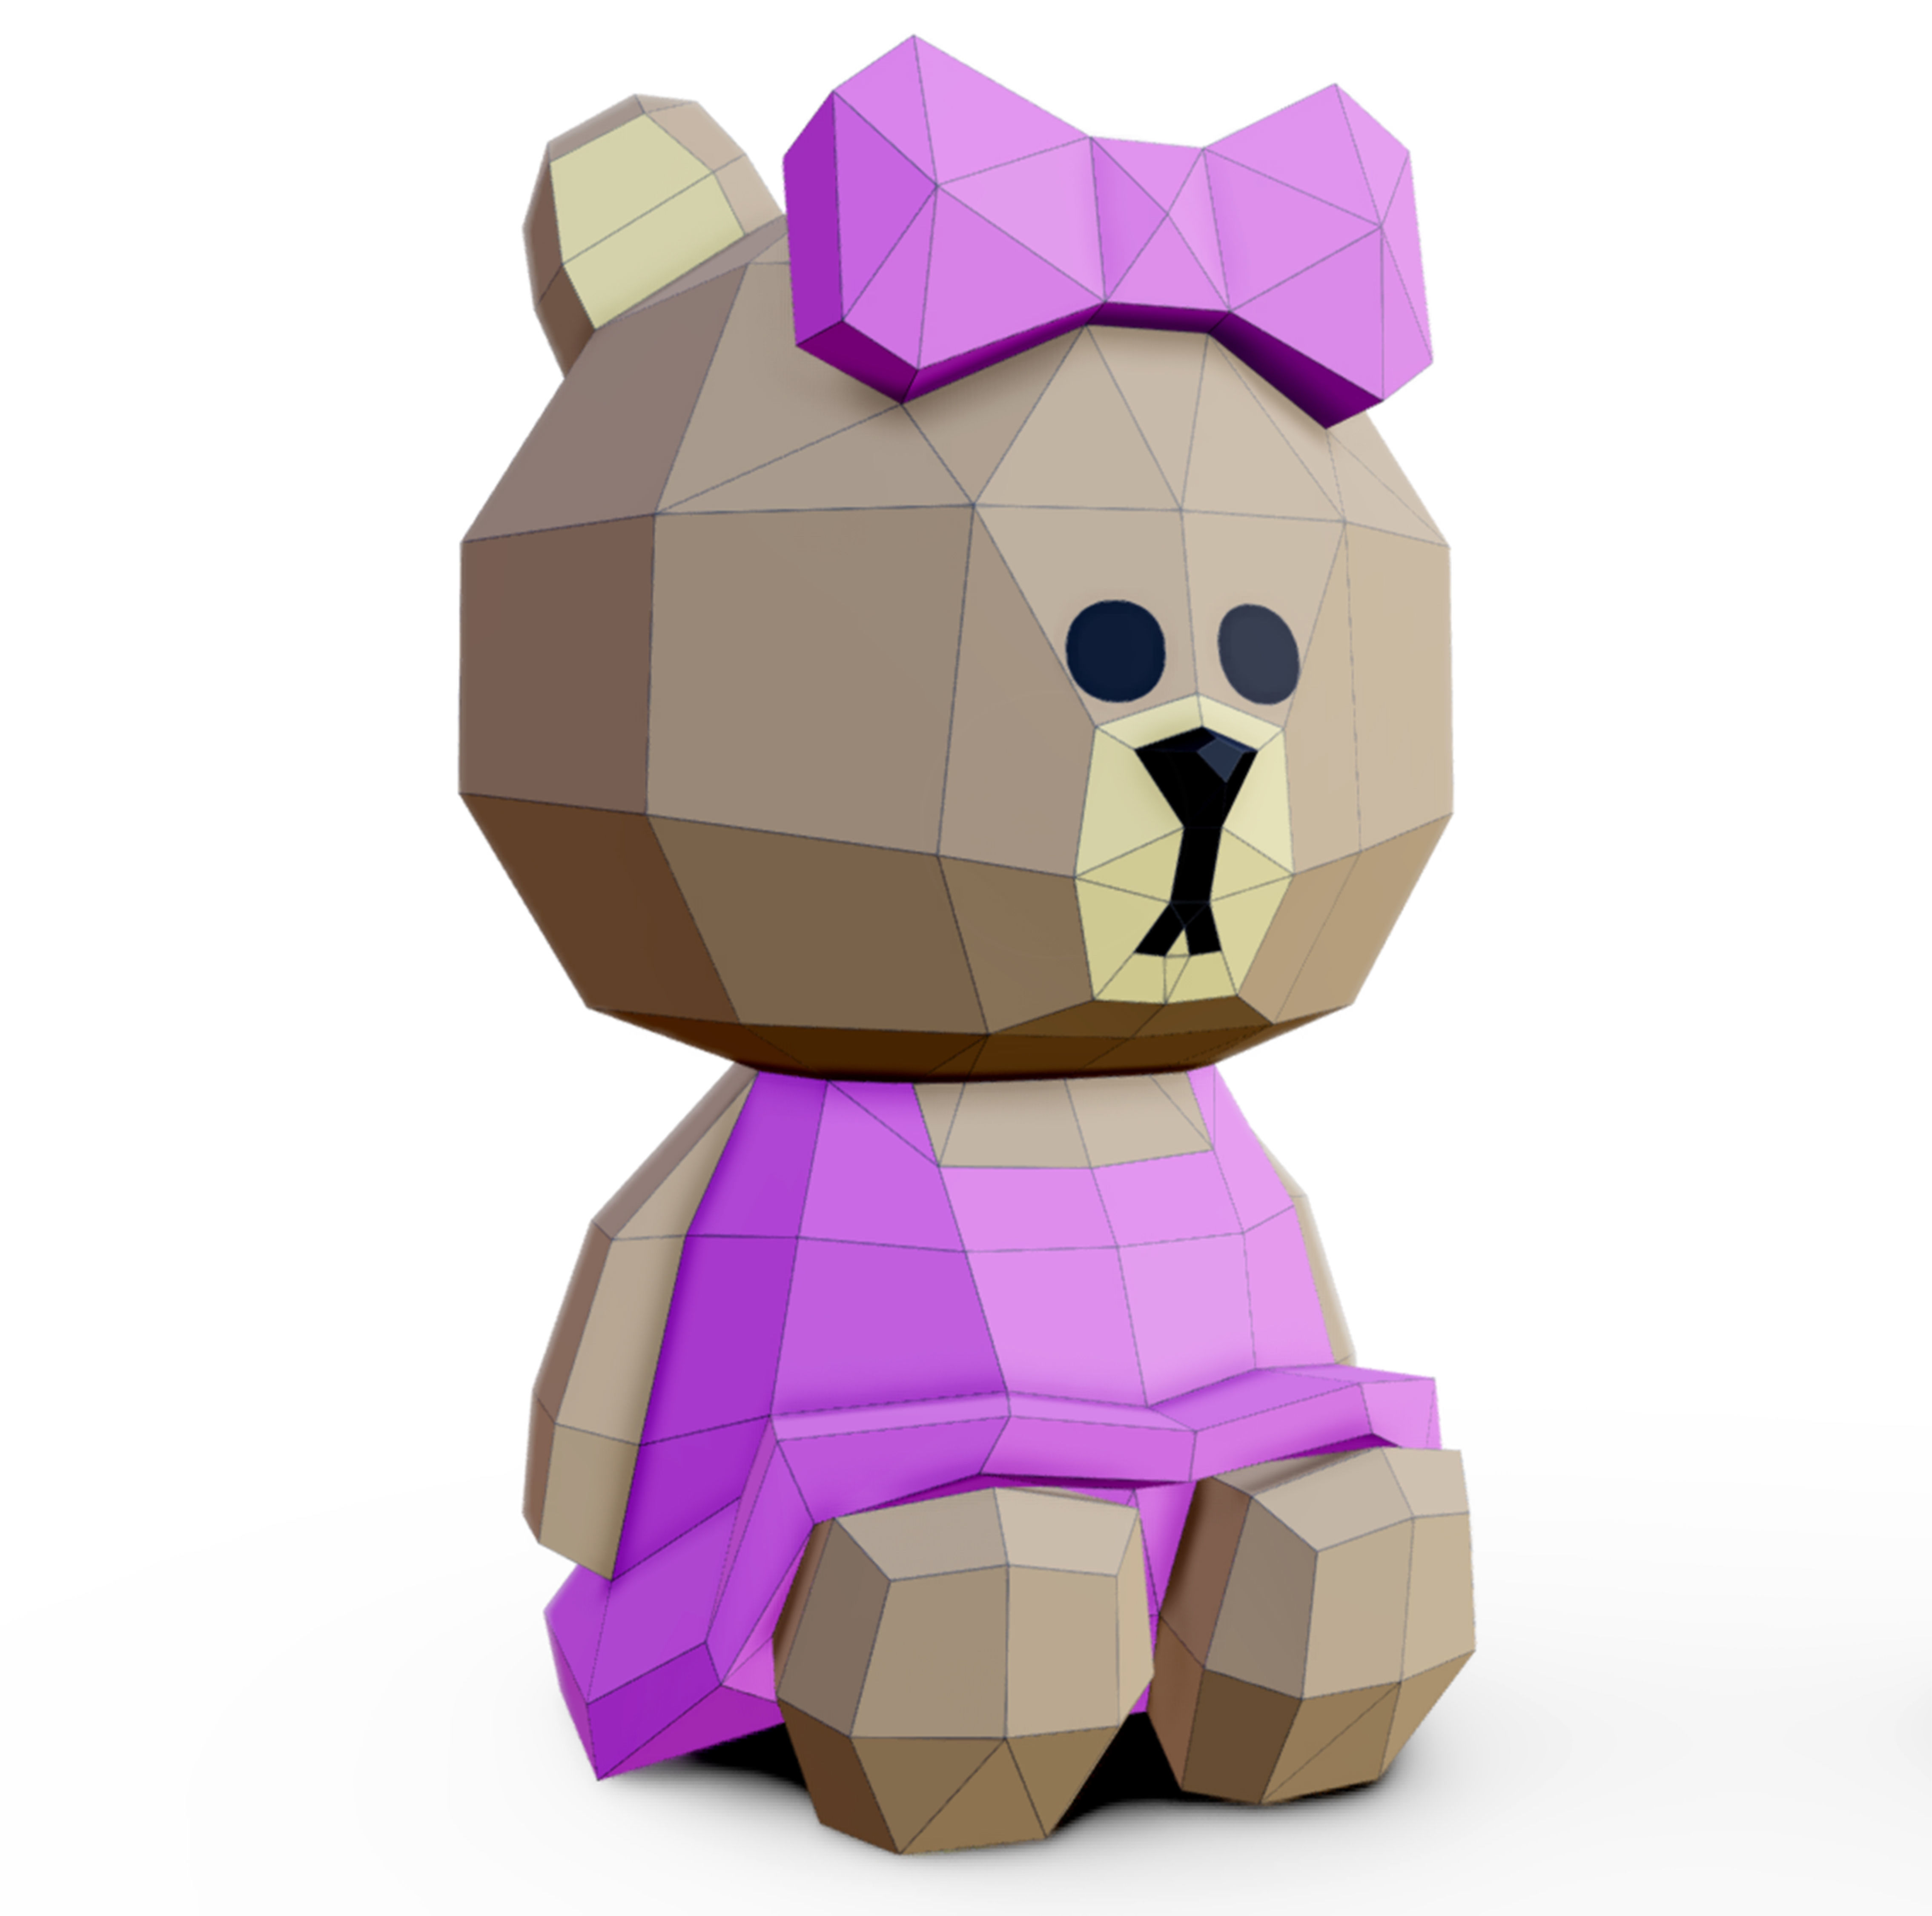 Bear Choco